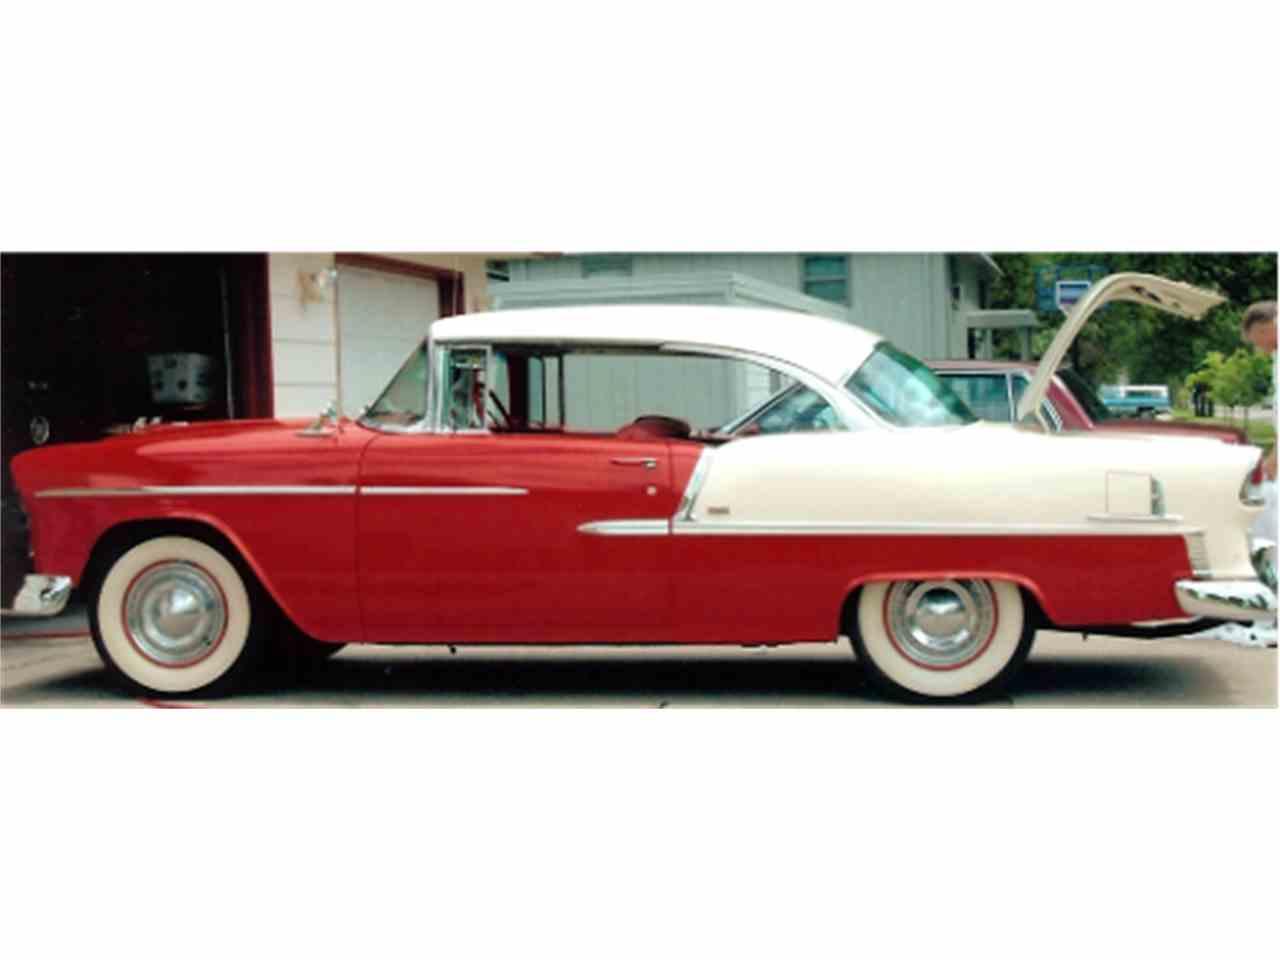 1955 chevrolet bel air for sale cc 632276. Black Bedroom Furniture Sets. Home Design Ideas